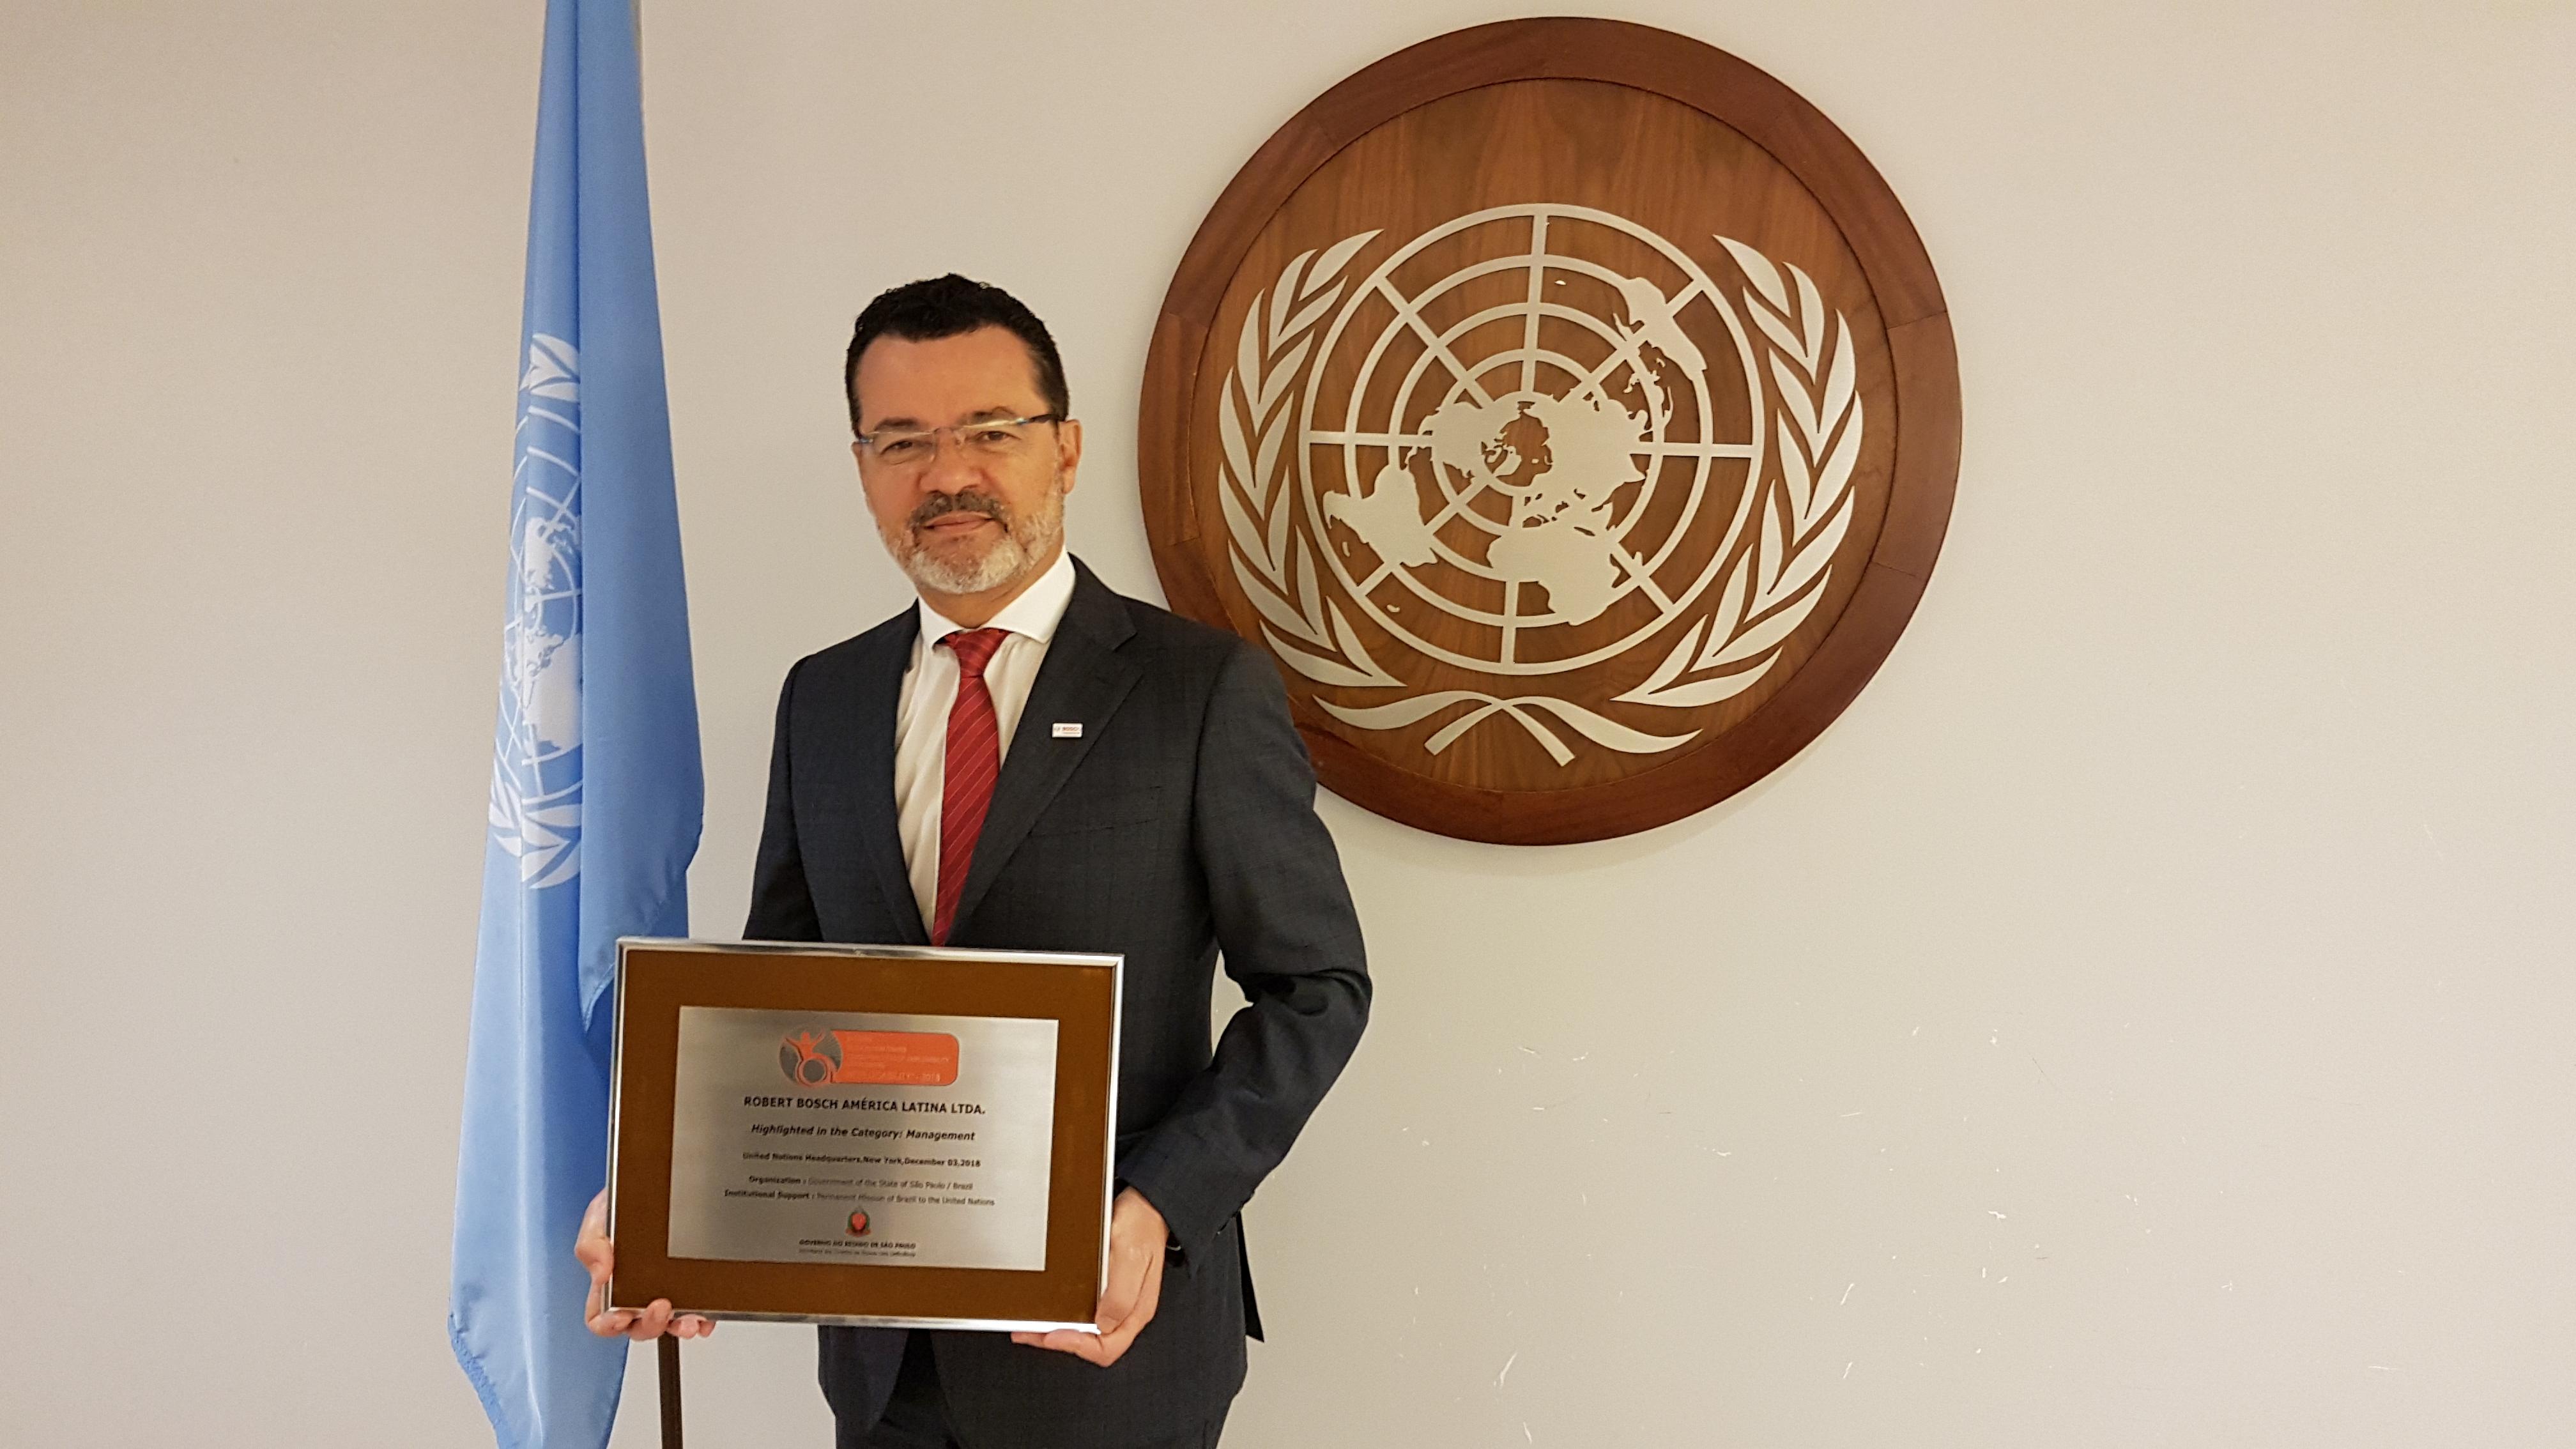 Presidente da Bosch na América Latina recebe o prêmio na sede da ONU, em Nova Iorque